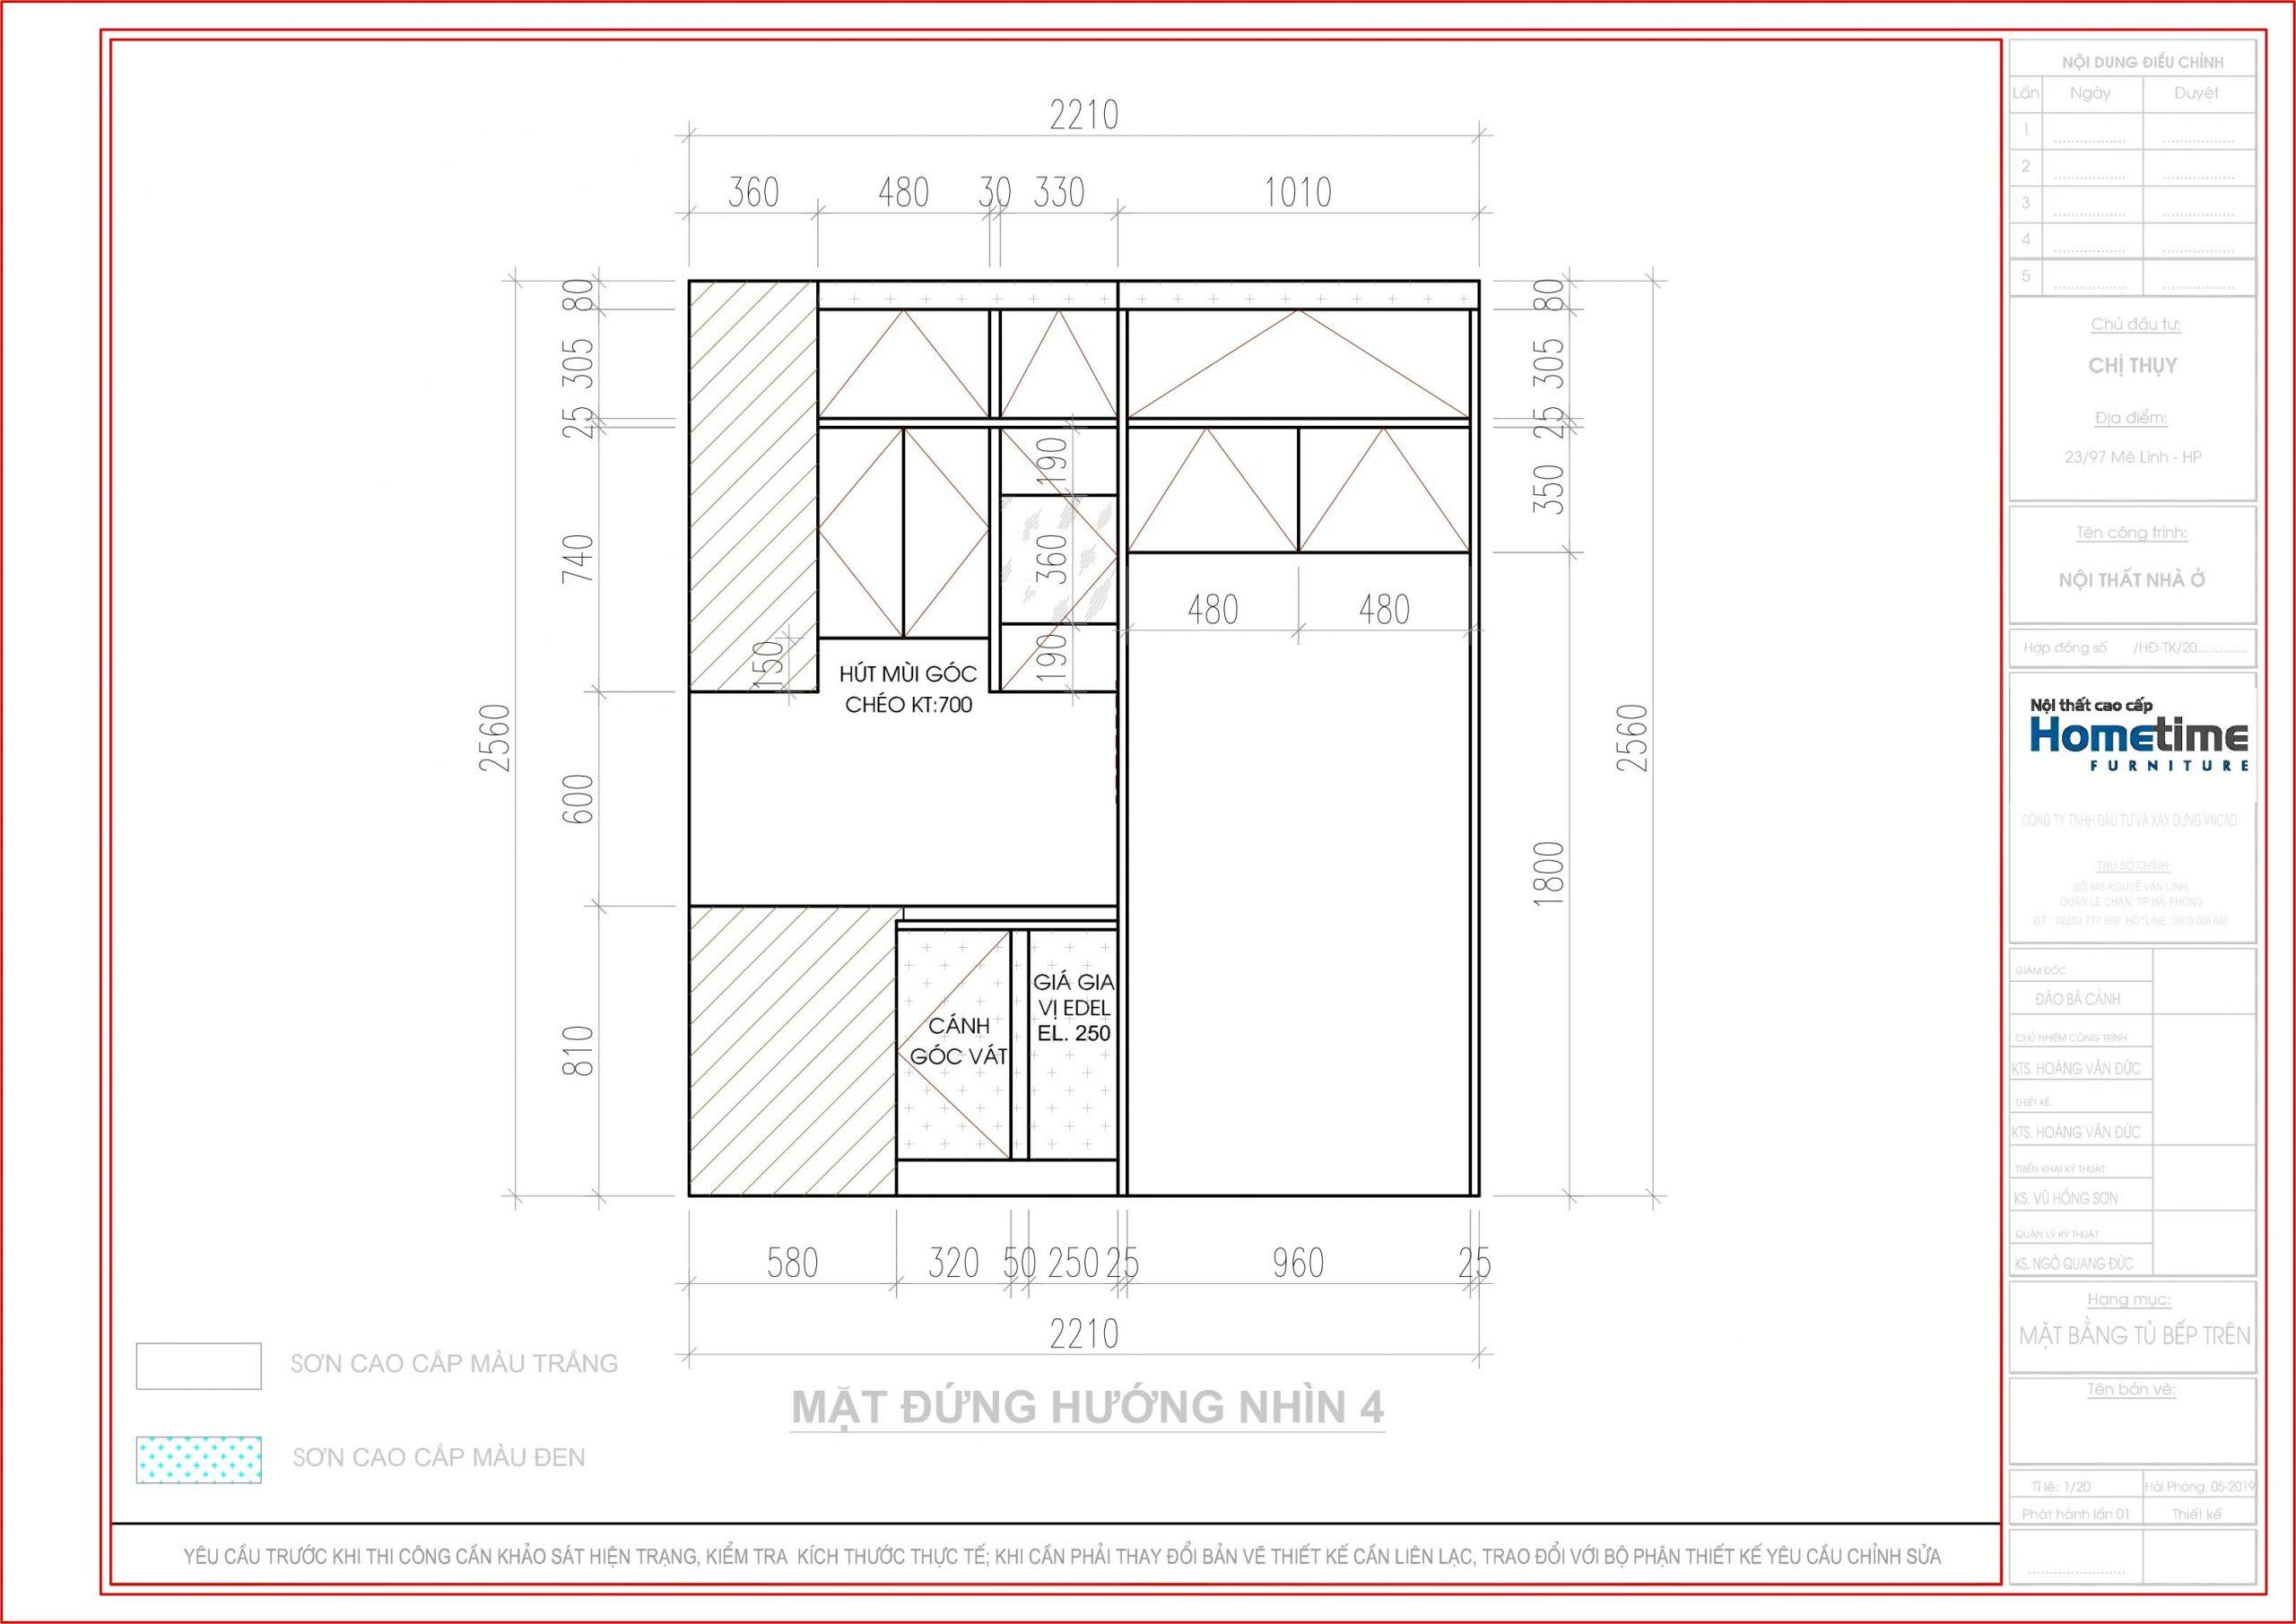 Hình ảnh tủ bếp theo hướng nhìn 4